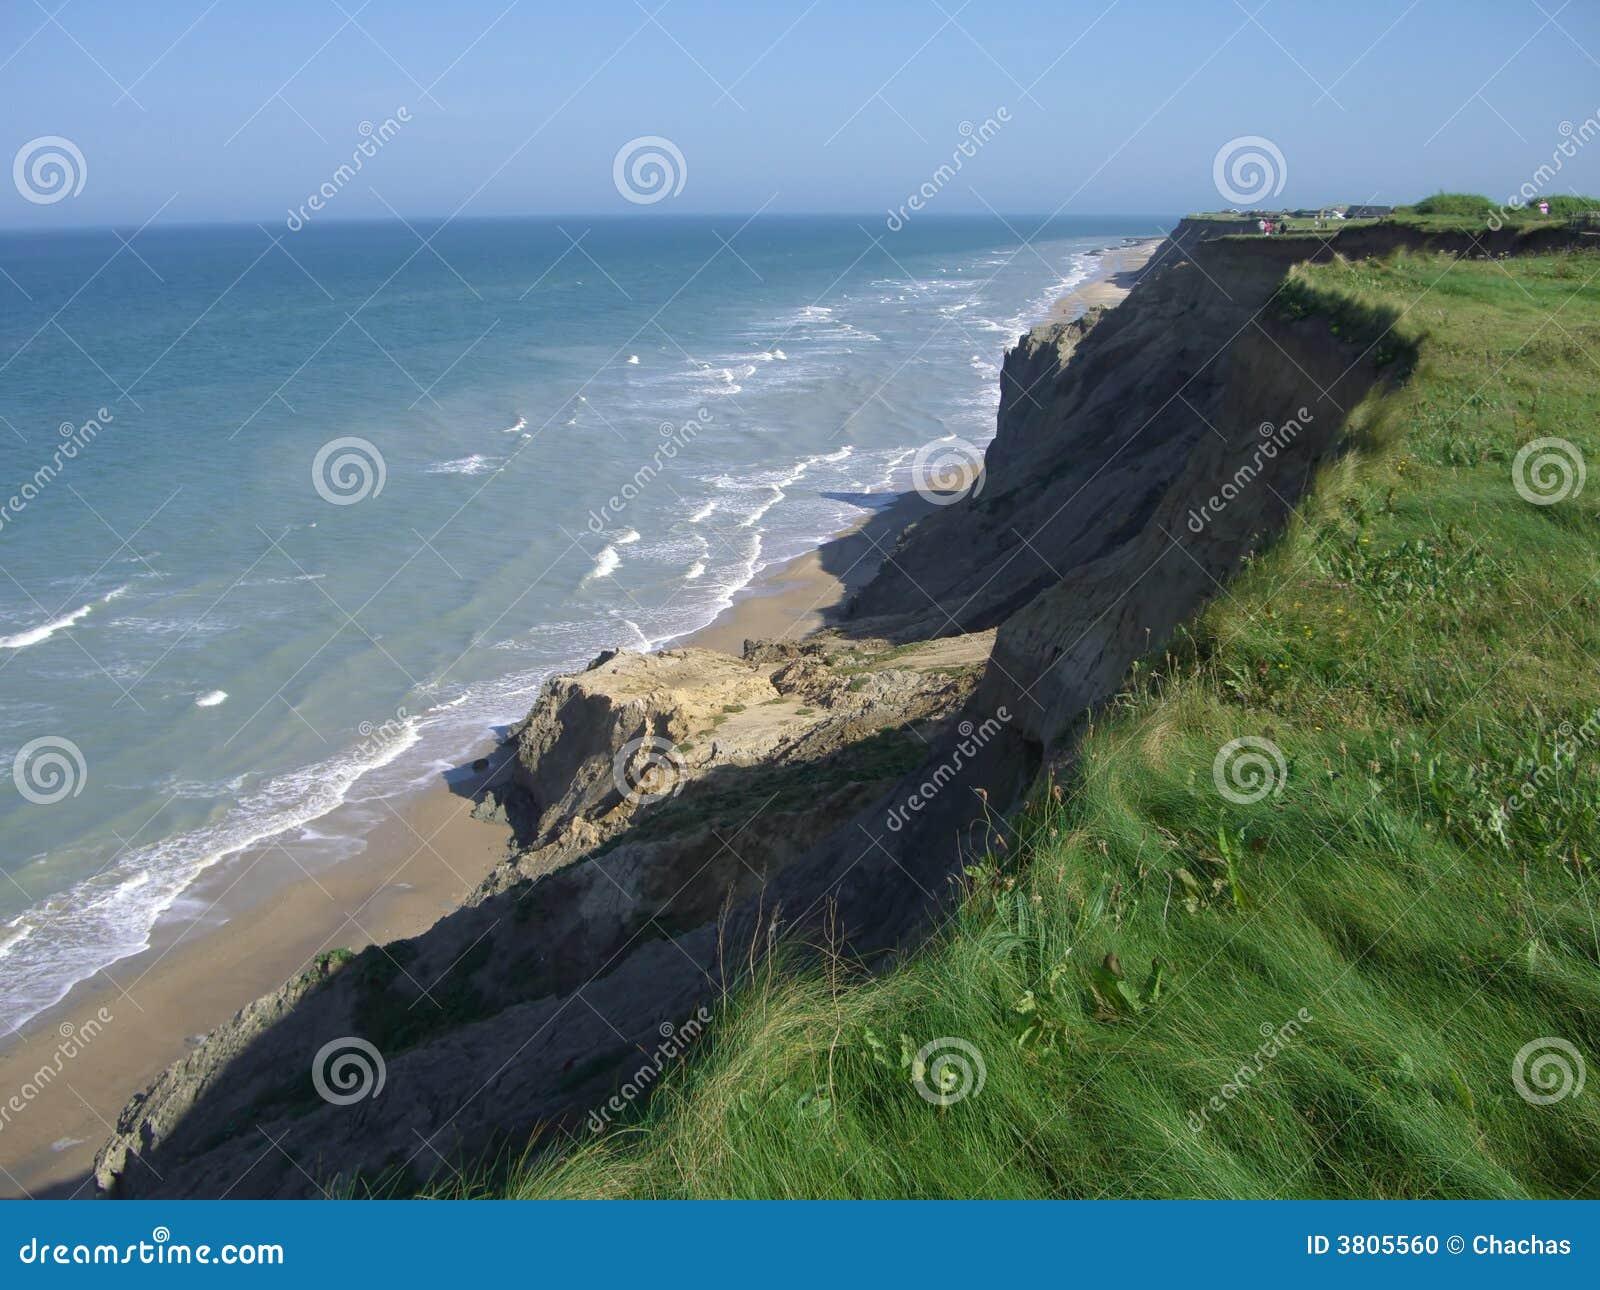 Download Cliff overlooking ocean stock photo. Image of coast, shoreline - 3805560